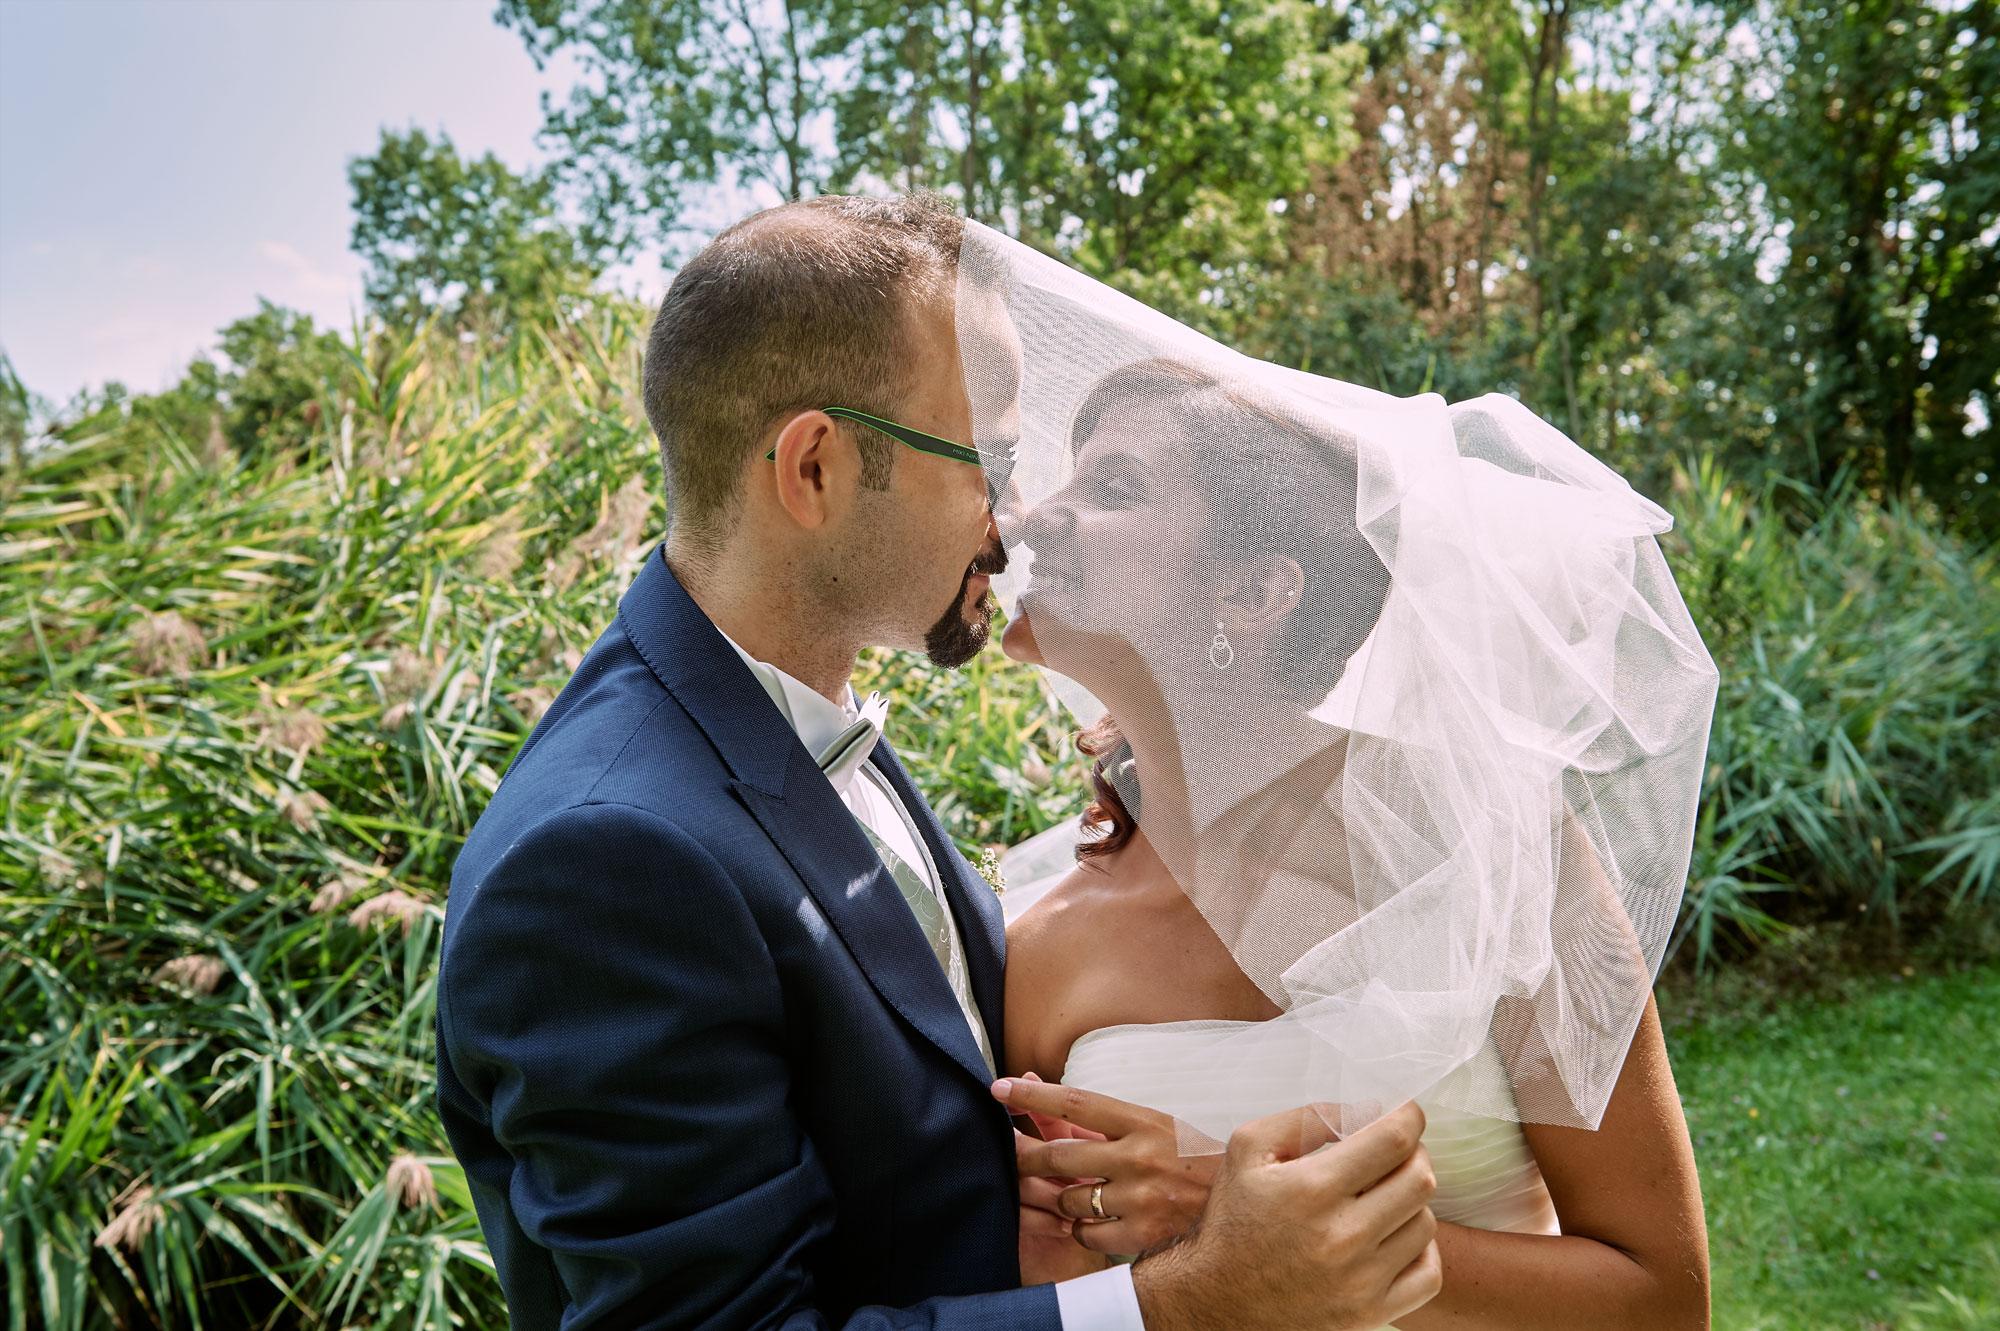 19a-ivano_di_maria_fotografo_matrimonio_ erica_vito